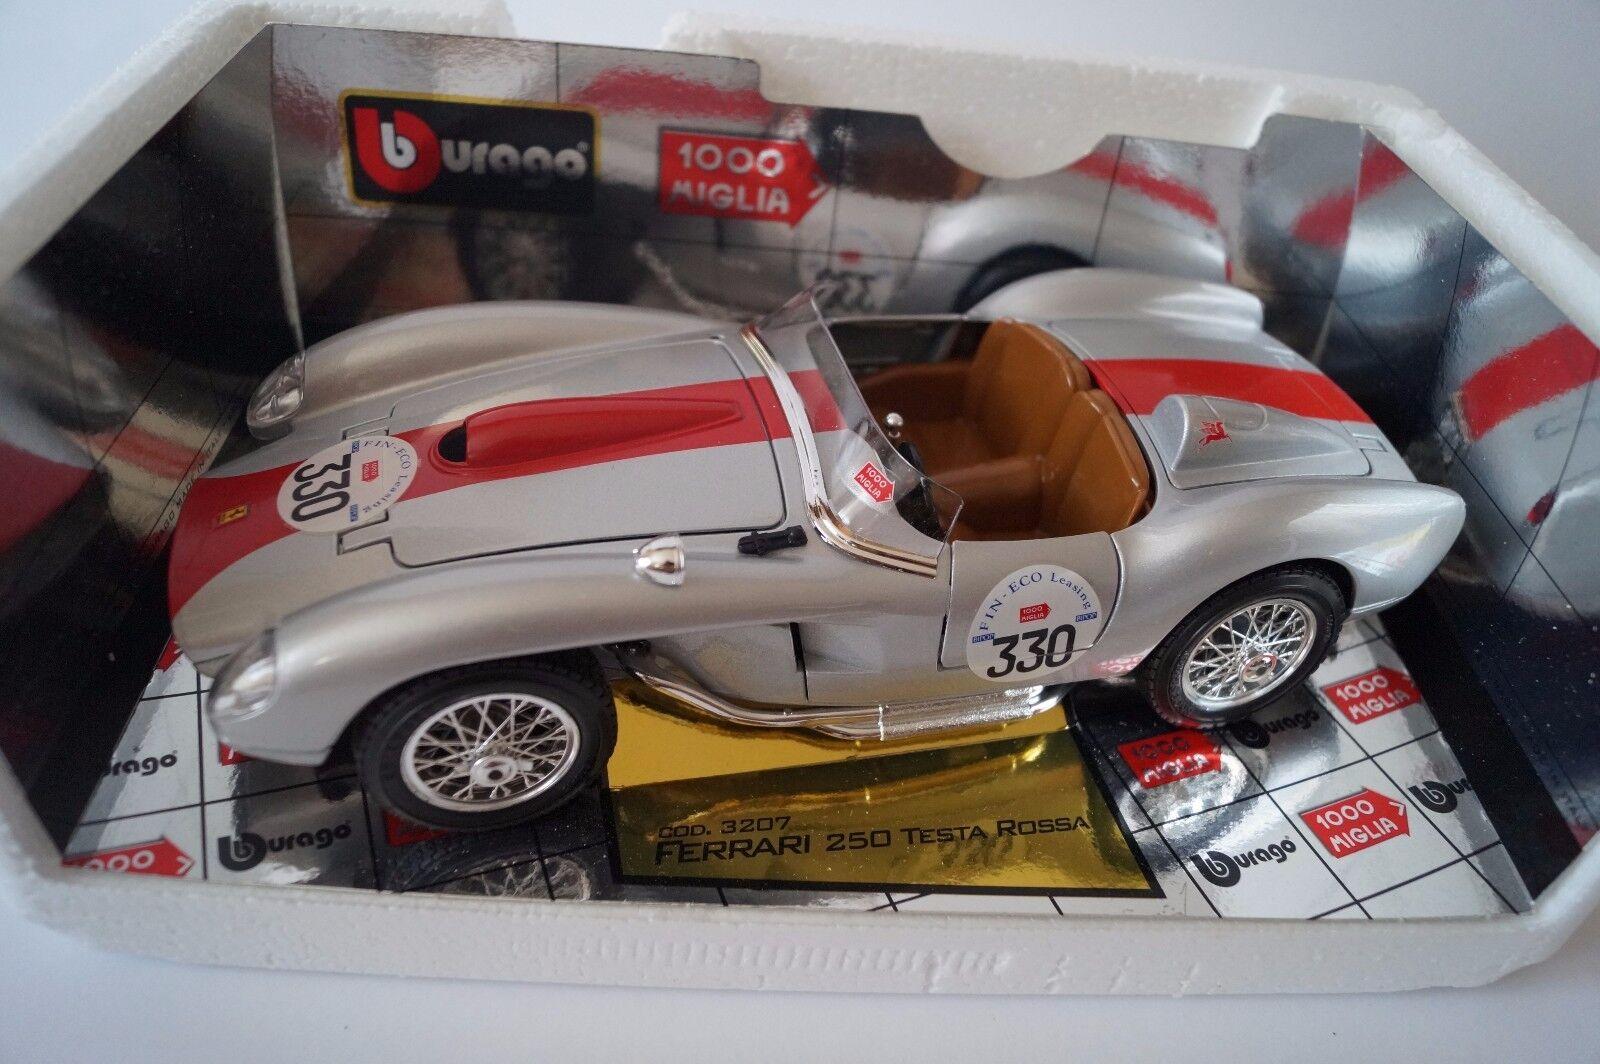 nuovo di marca BBURAGO Burago modellololo di auto 1 1 1 18 FERRARI 250 TEestrellaOSSA cod. 3207 miglia  in OVP   prezzi bassi